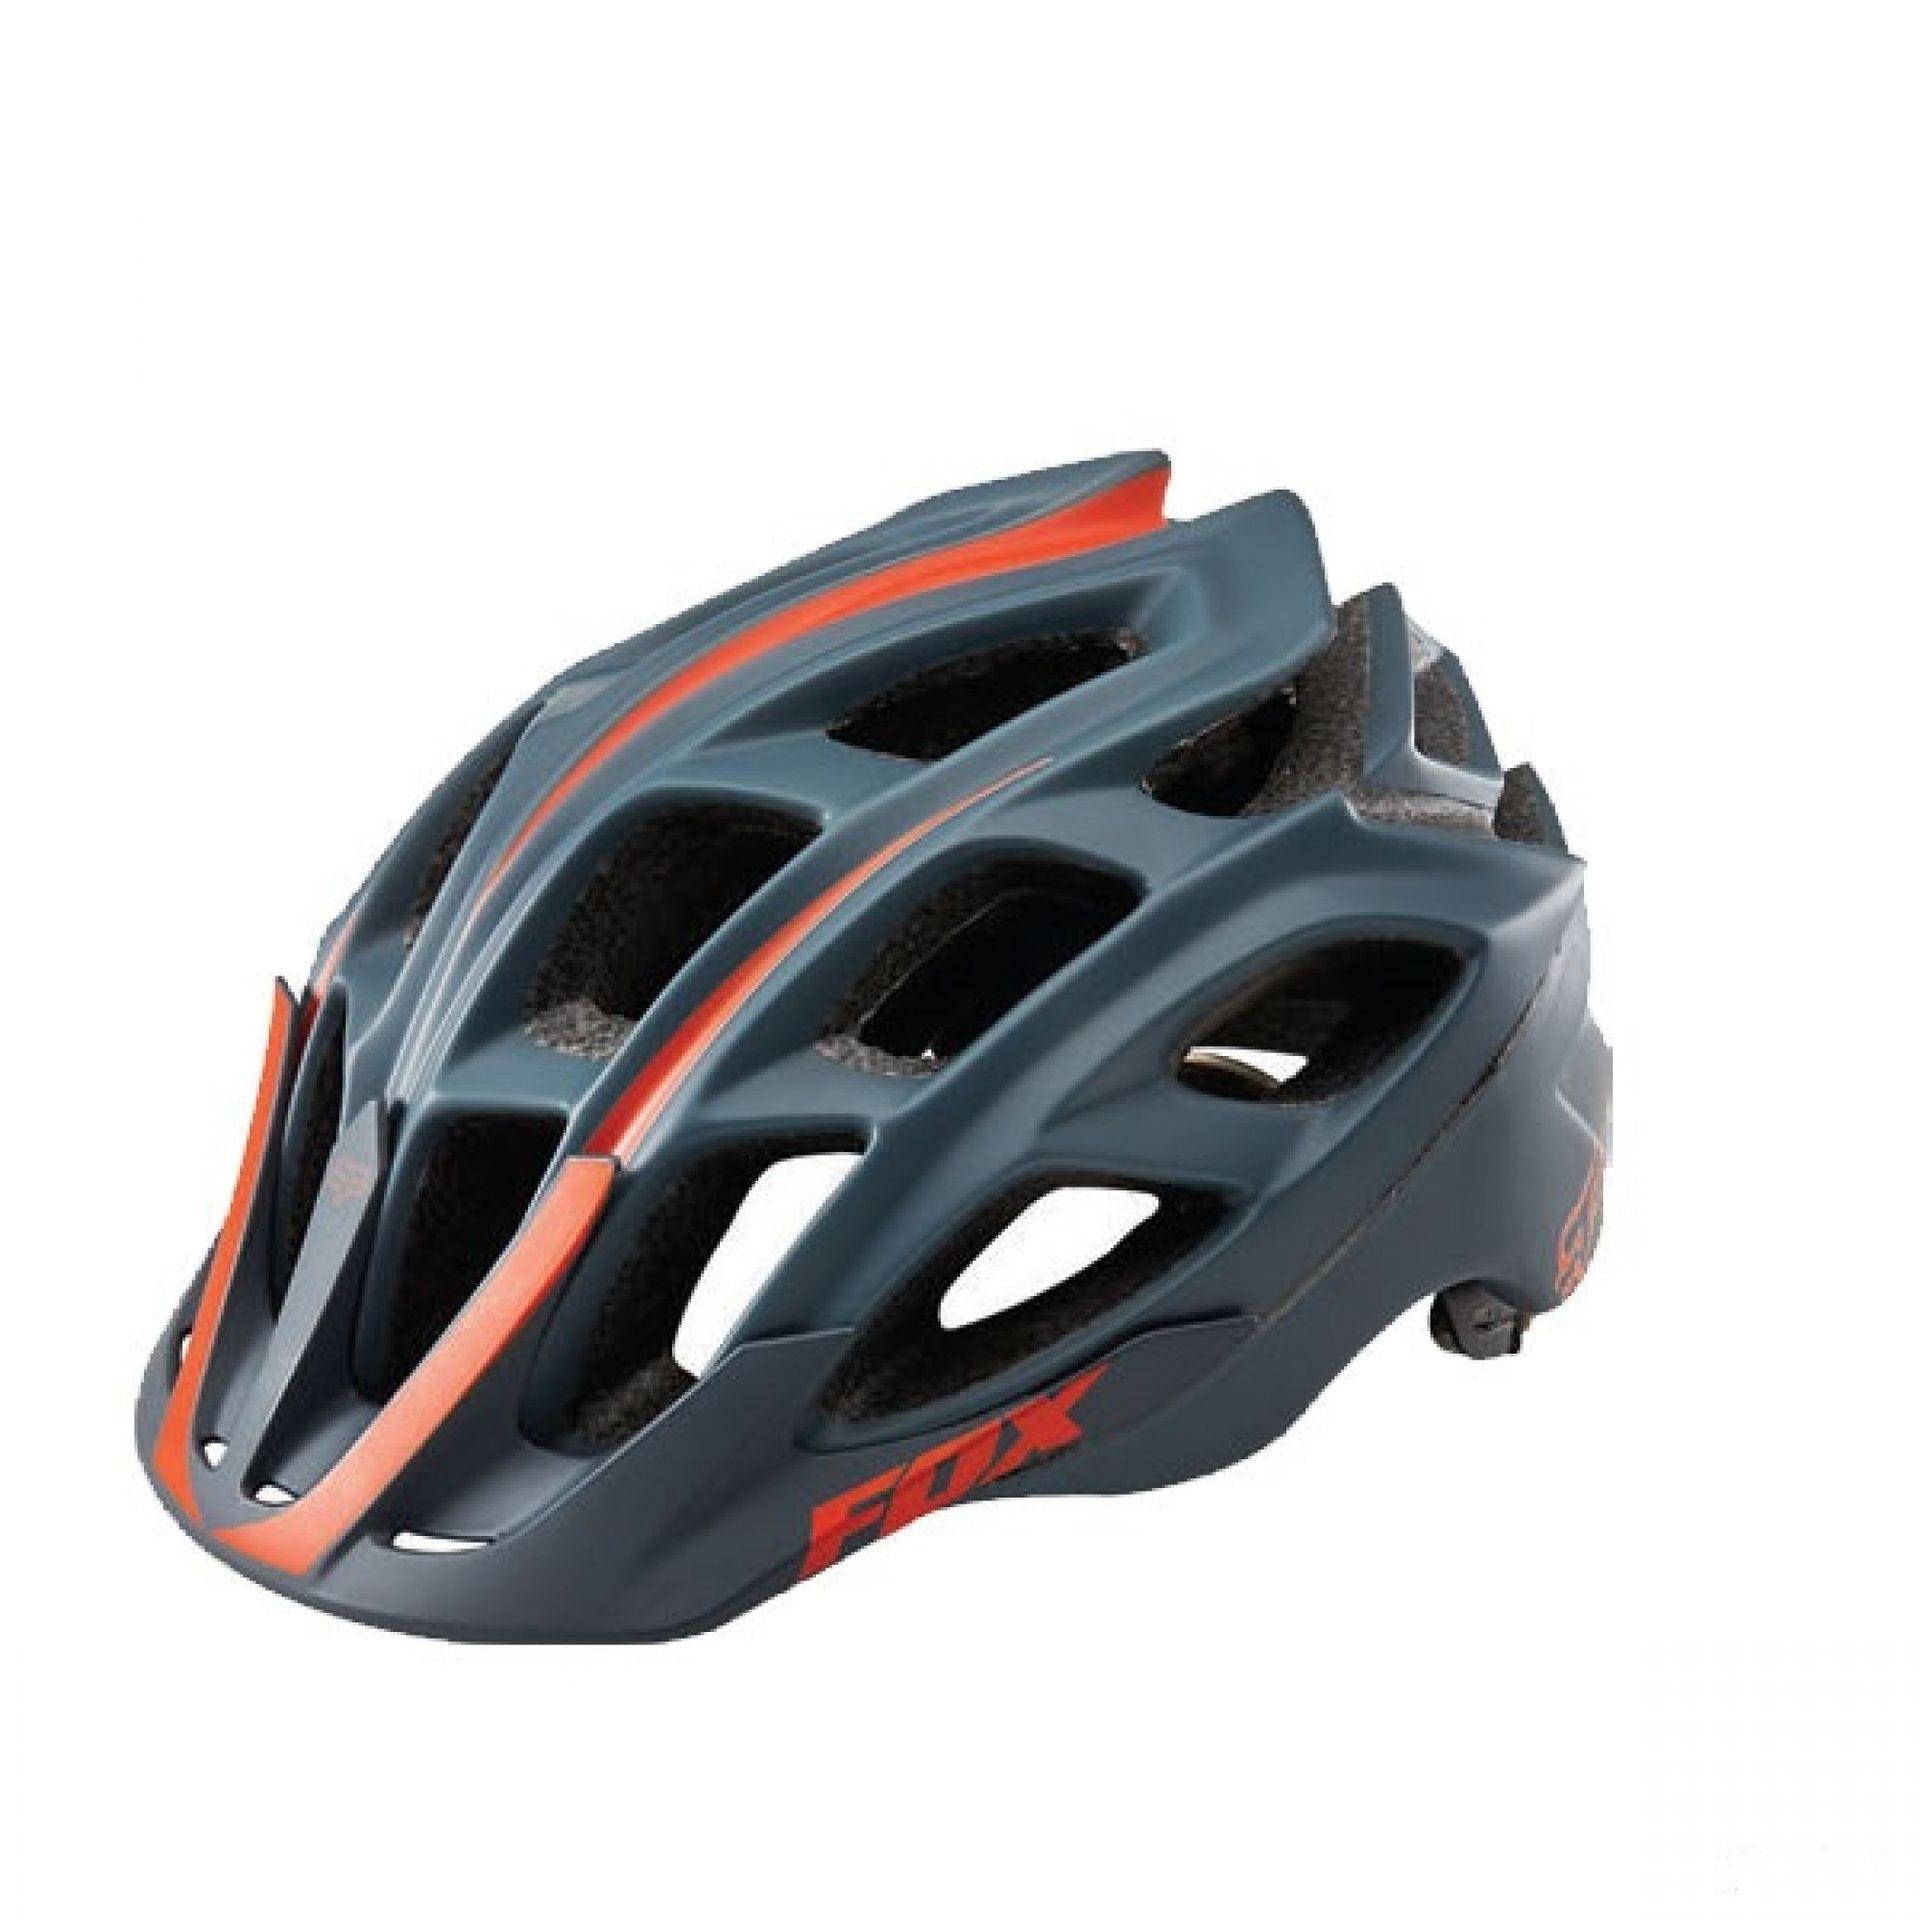 Kask rowerowy Foxhead Striker czarno pomarańczowy